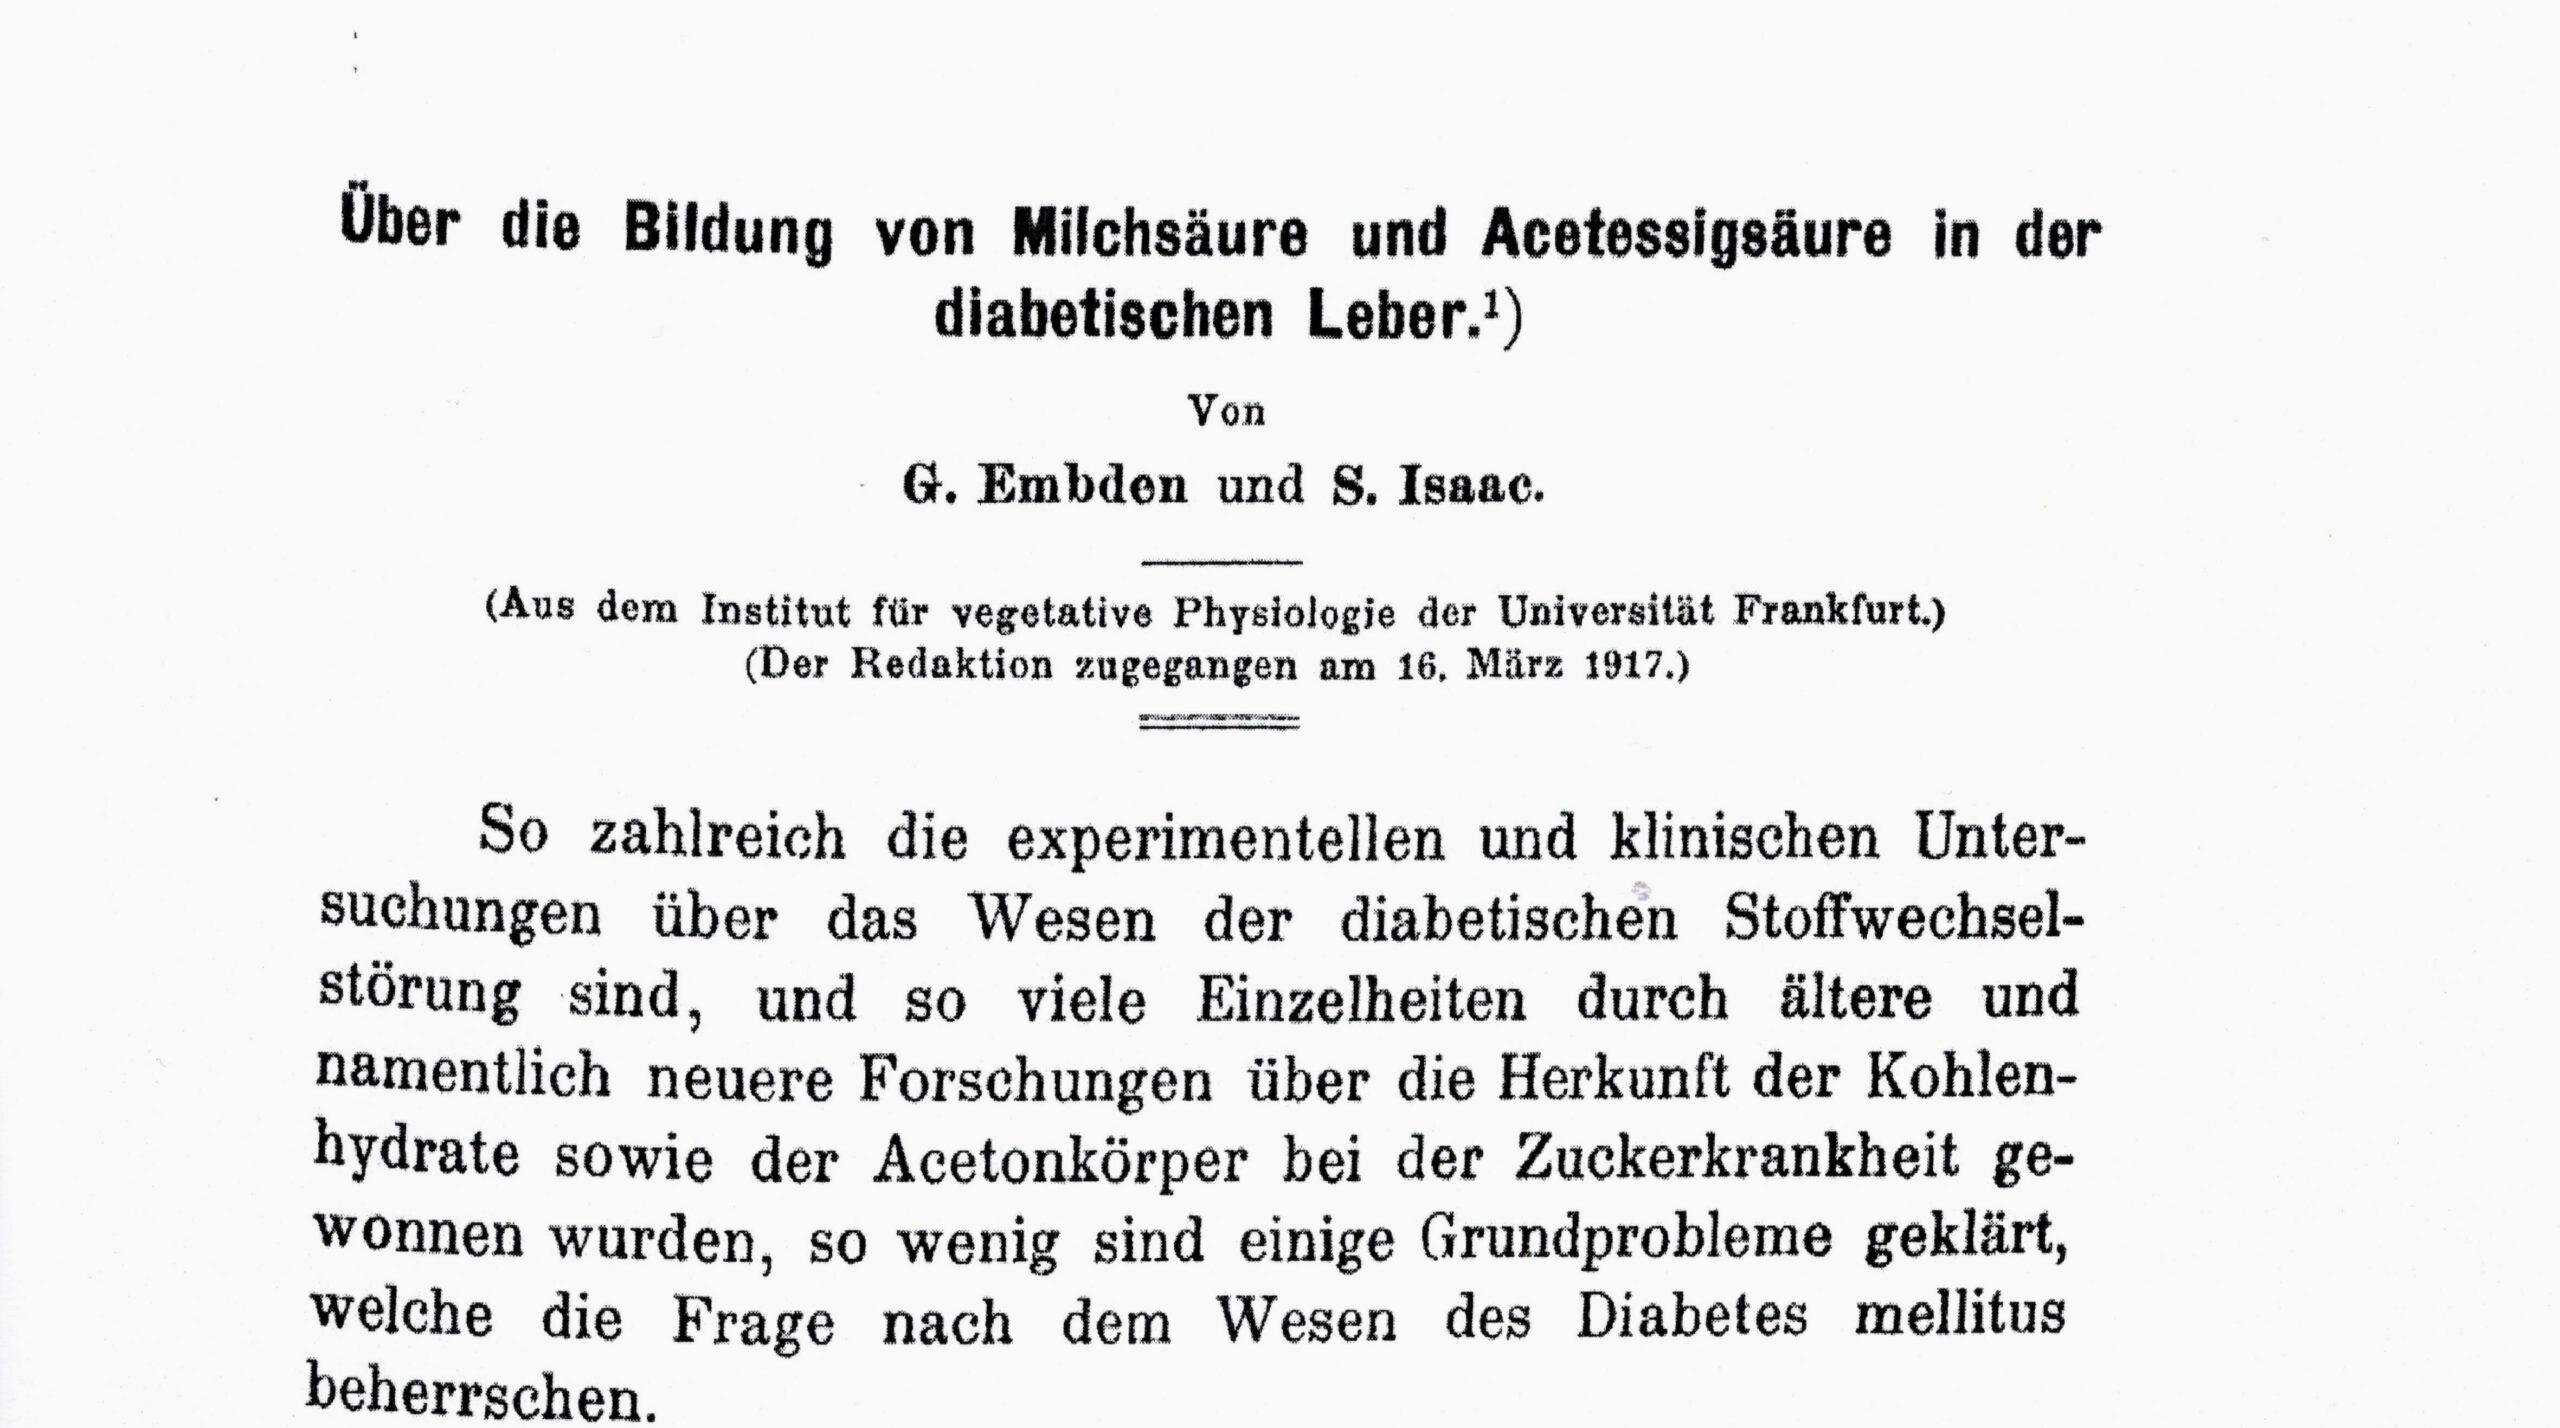 Arbeit mit G. Embden, Hoppe Seylers Ztschr Physiol Chem, 1917